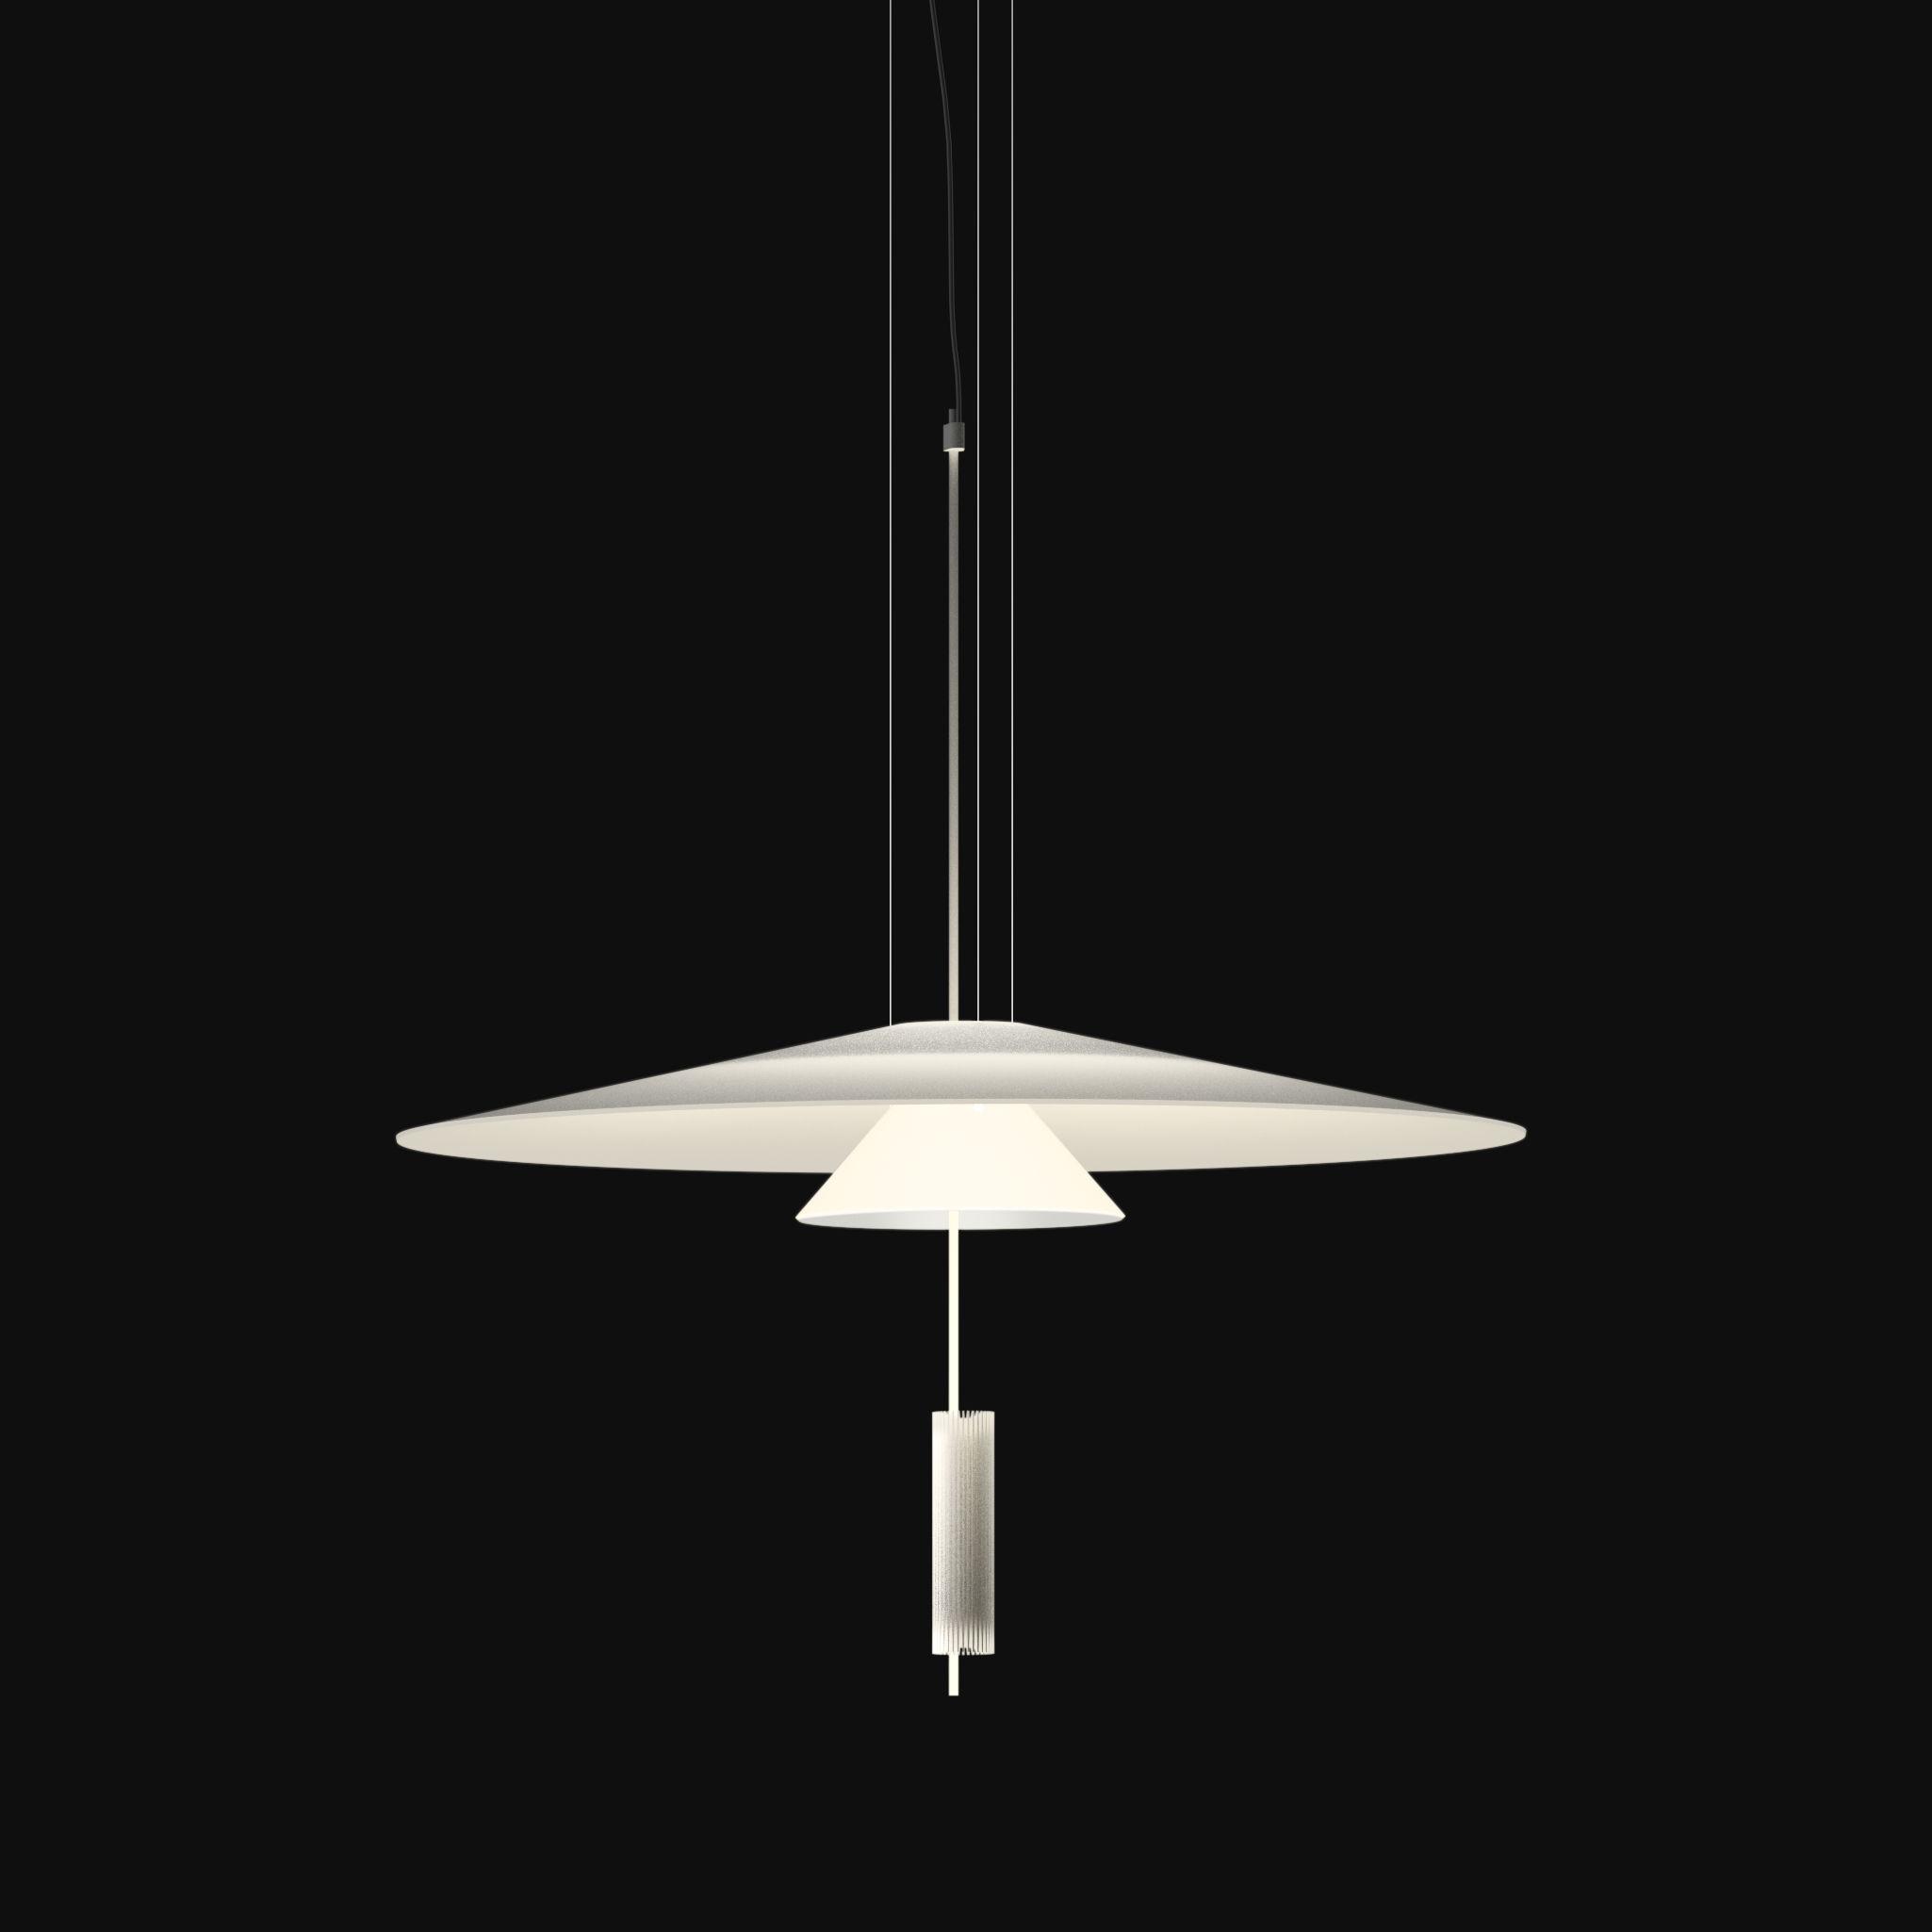 Illuminazione - Lampadari - Sospensione Flamingo - LED / Ø 70 cm di Vibia - Bianco opaco / Bianco - Acrilico, Metacrilato, Metallo